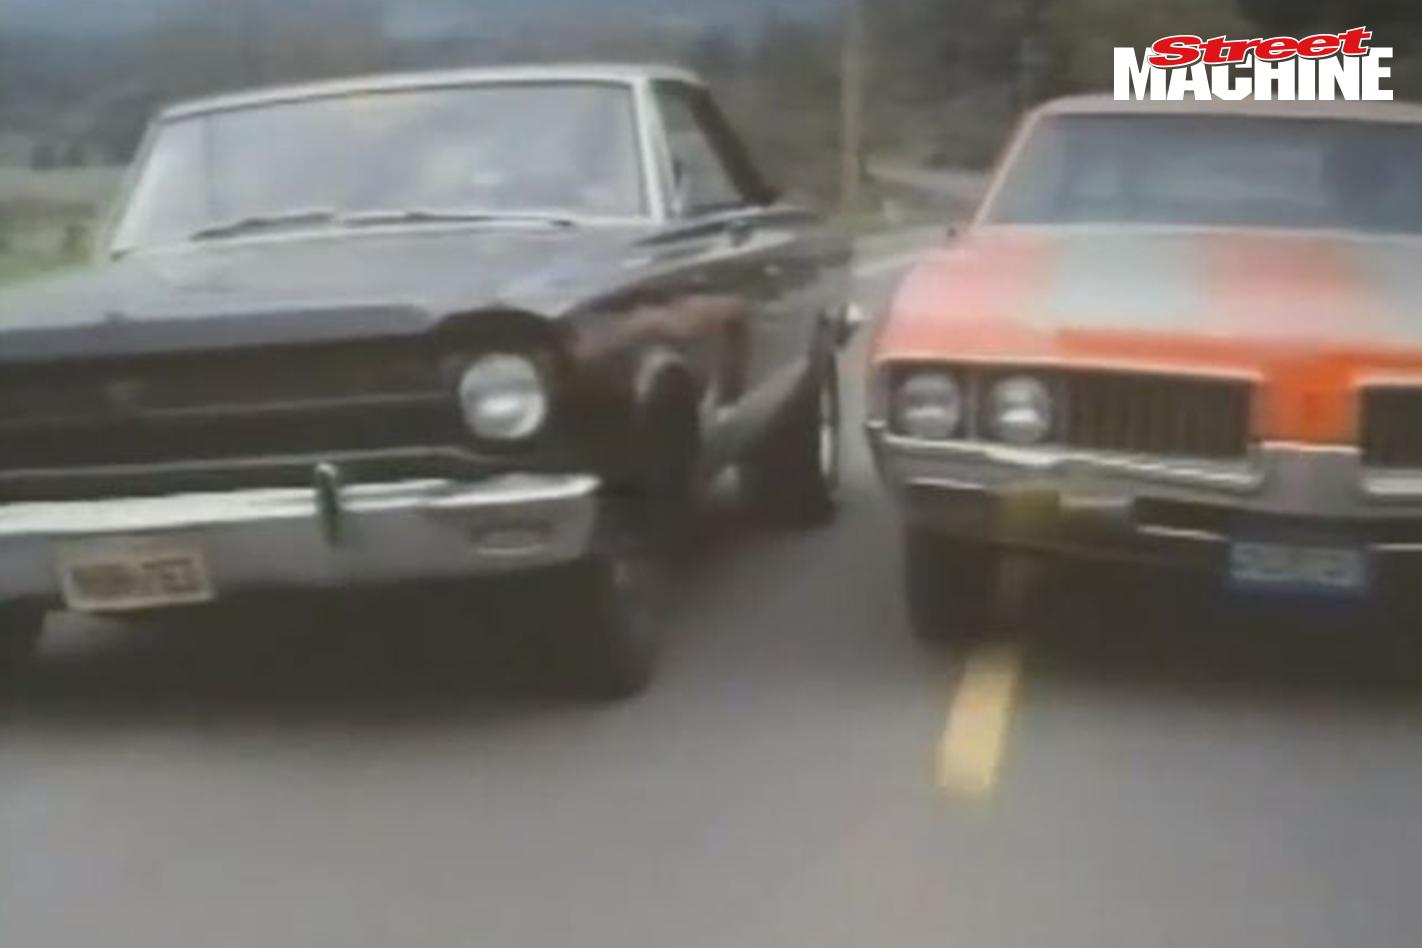 Hot Rod 1979 Movie 3 Nw